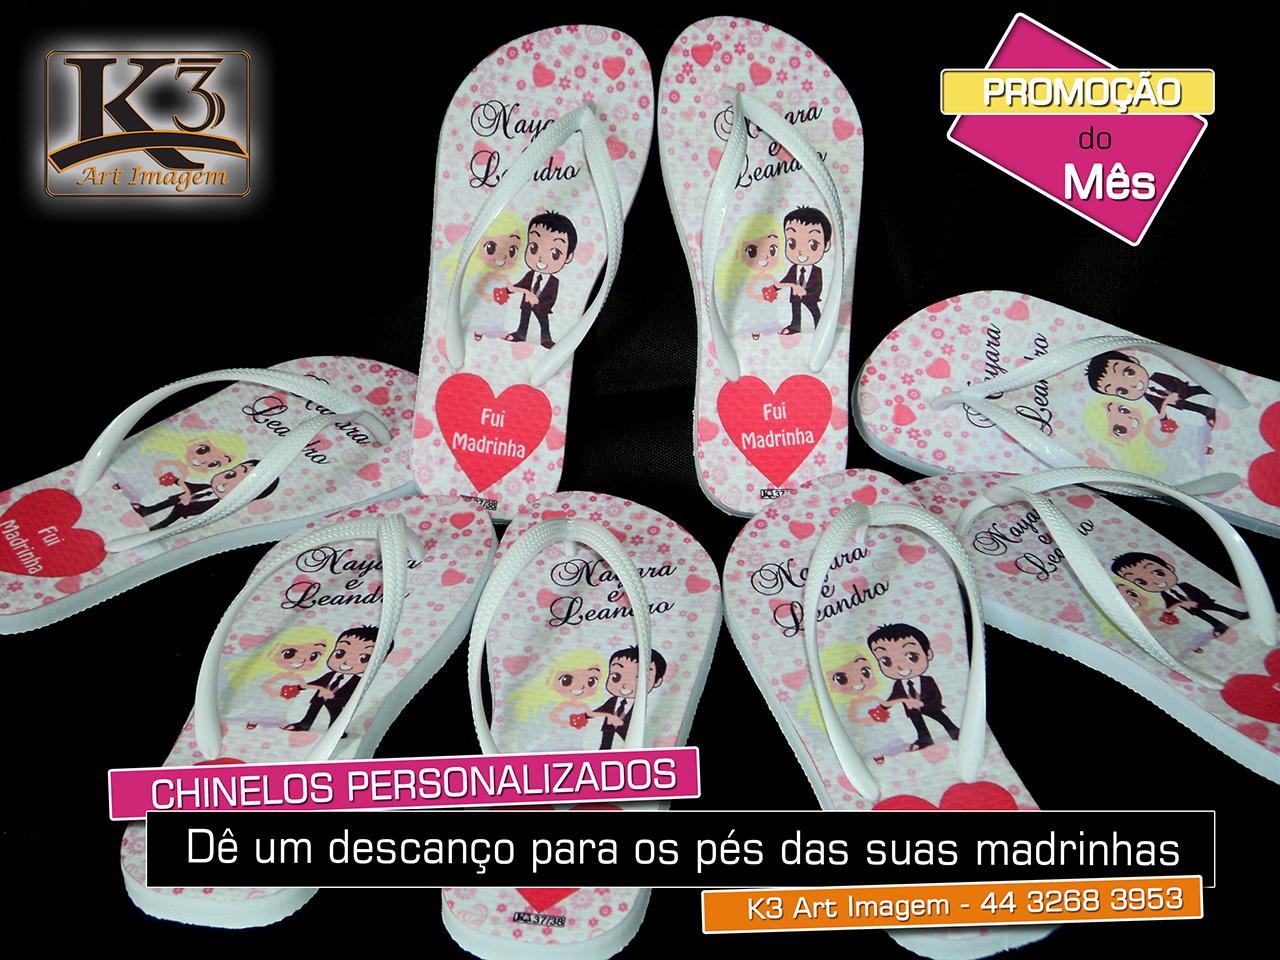 Chinelos Personalizados para lembrancinha de  casamento, formaturas, 15 anos, empresas - K3 Art Imagem - 44 3268 3953